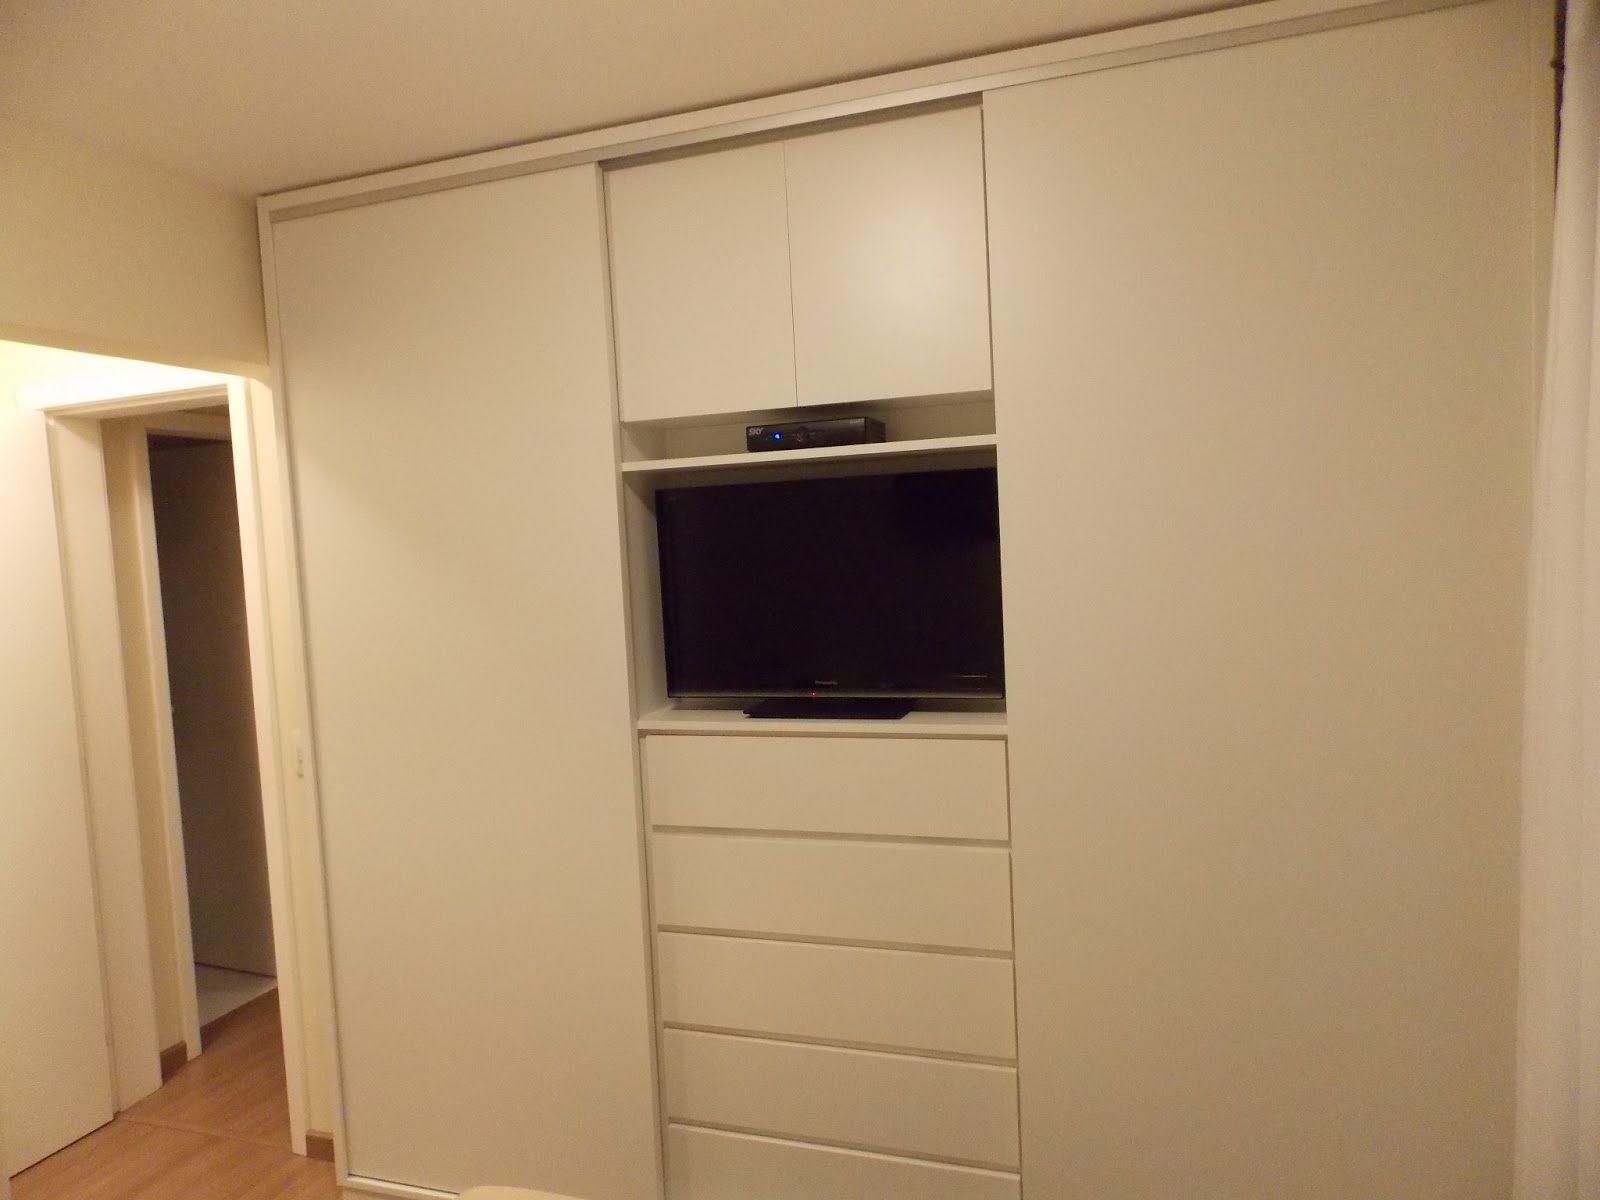 Armario Solteiro : Guarda roupa tv integrada decora??o